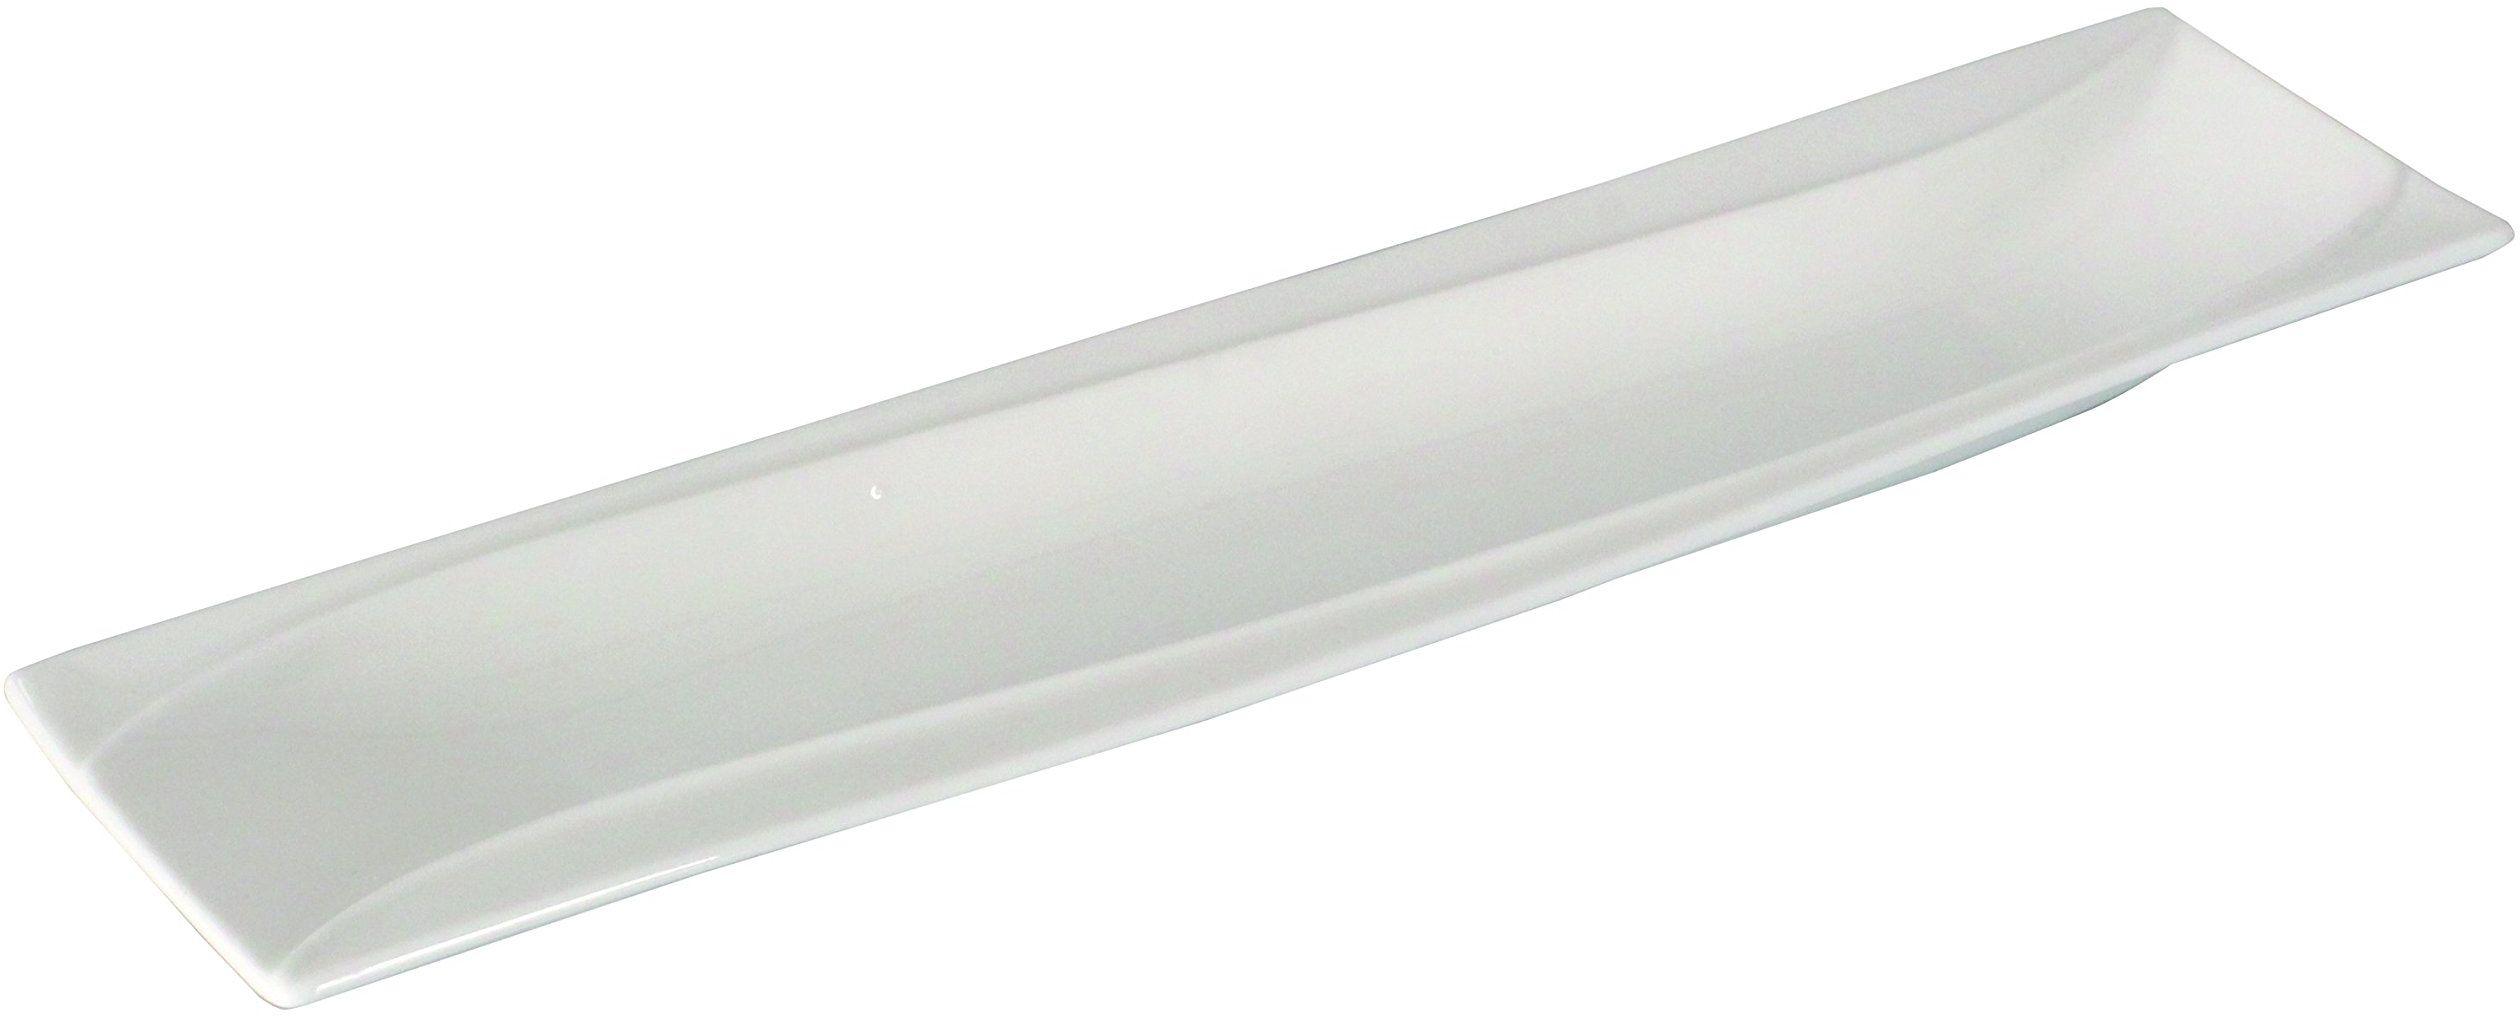 Dajar miska relief Salsa 31 x 7,7 cm AMBITION, porcelana, biała, 7 x 2,3 cm